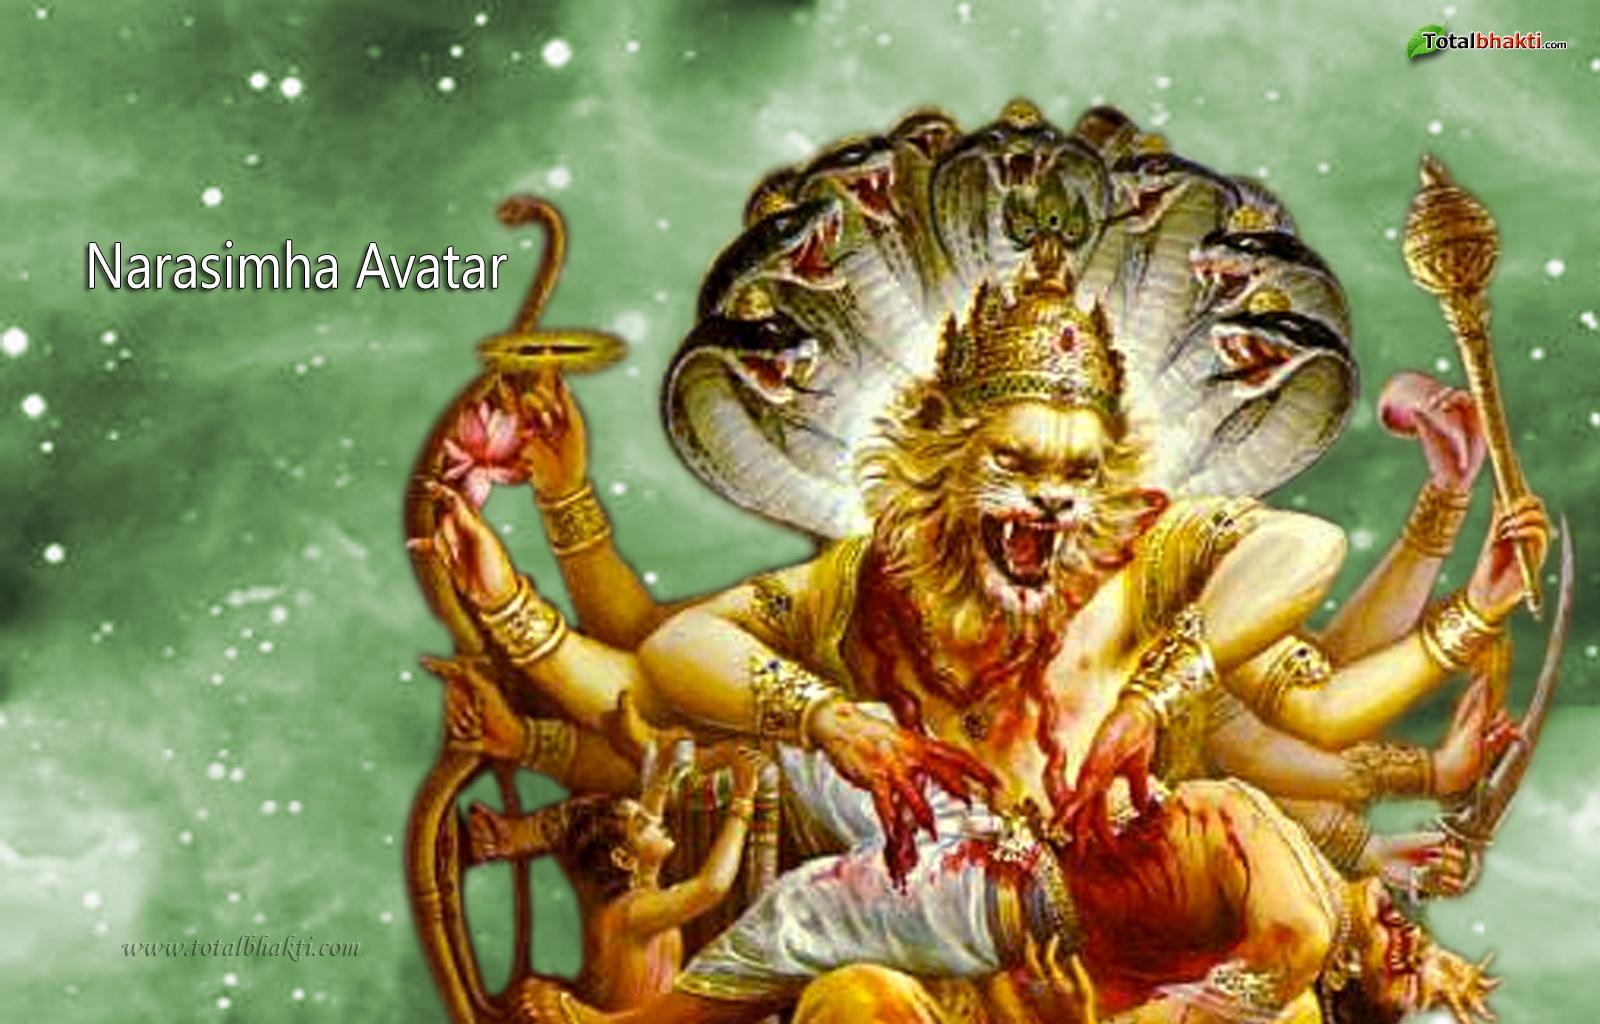 Lord Ganesha Animated Wallpapers Lord Narasimha Miracles Images Photos Wallpapers Hd